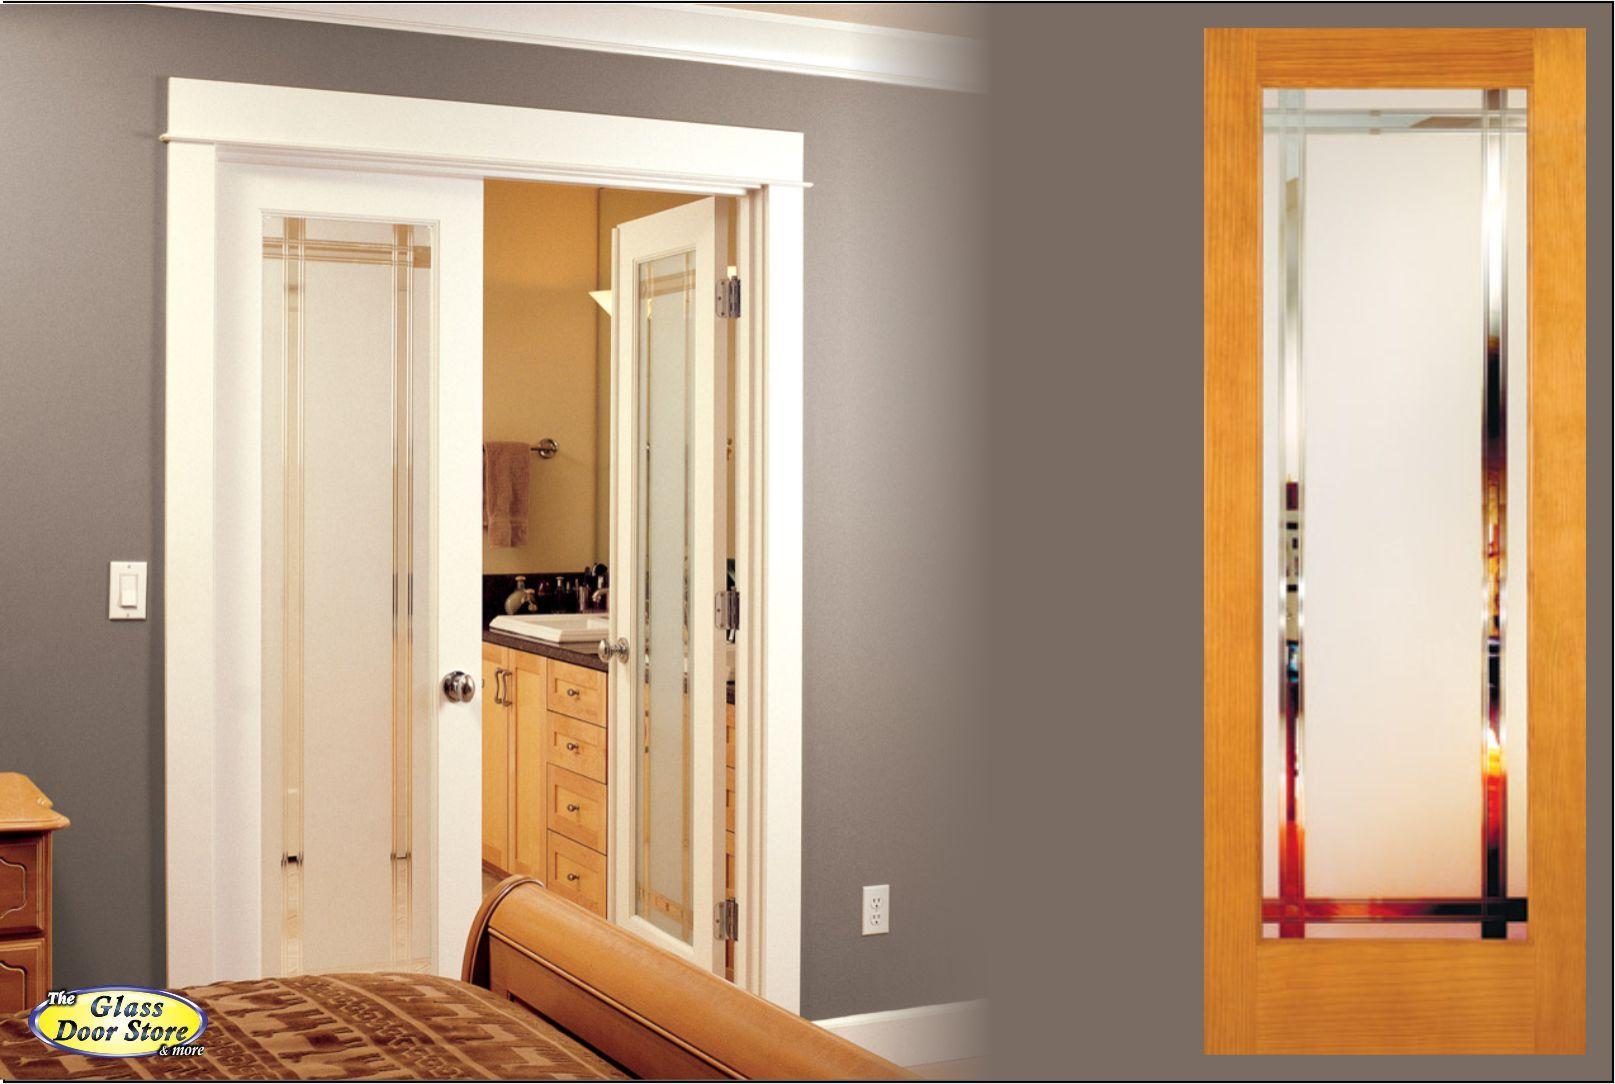 Interior glass door bathroom - Glass Doors To The Bathroom Or Den Interior Glass Door That Is Primed And Ready